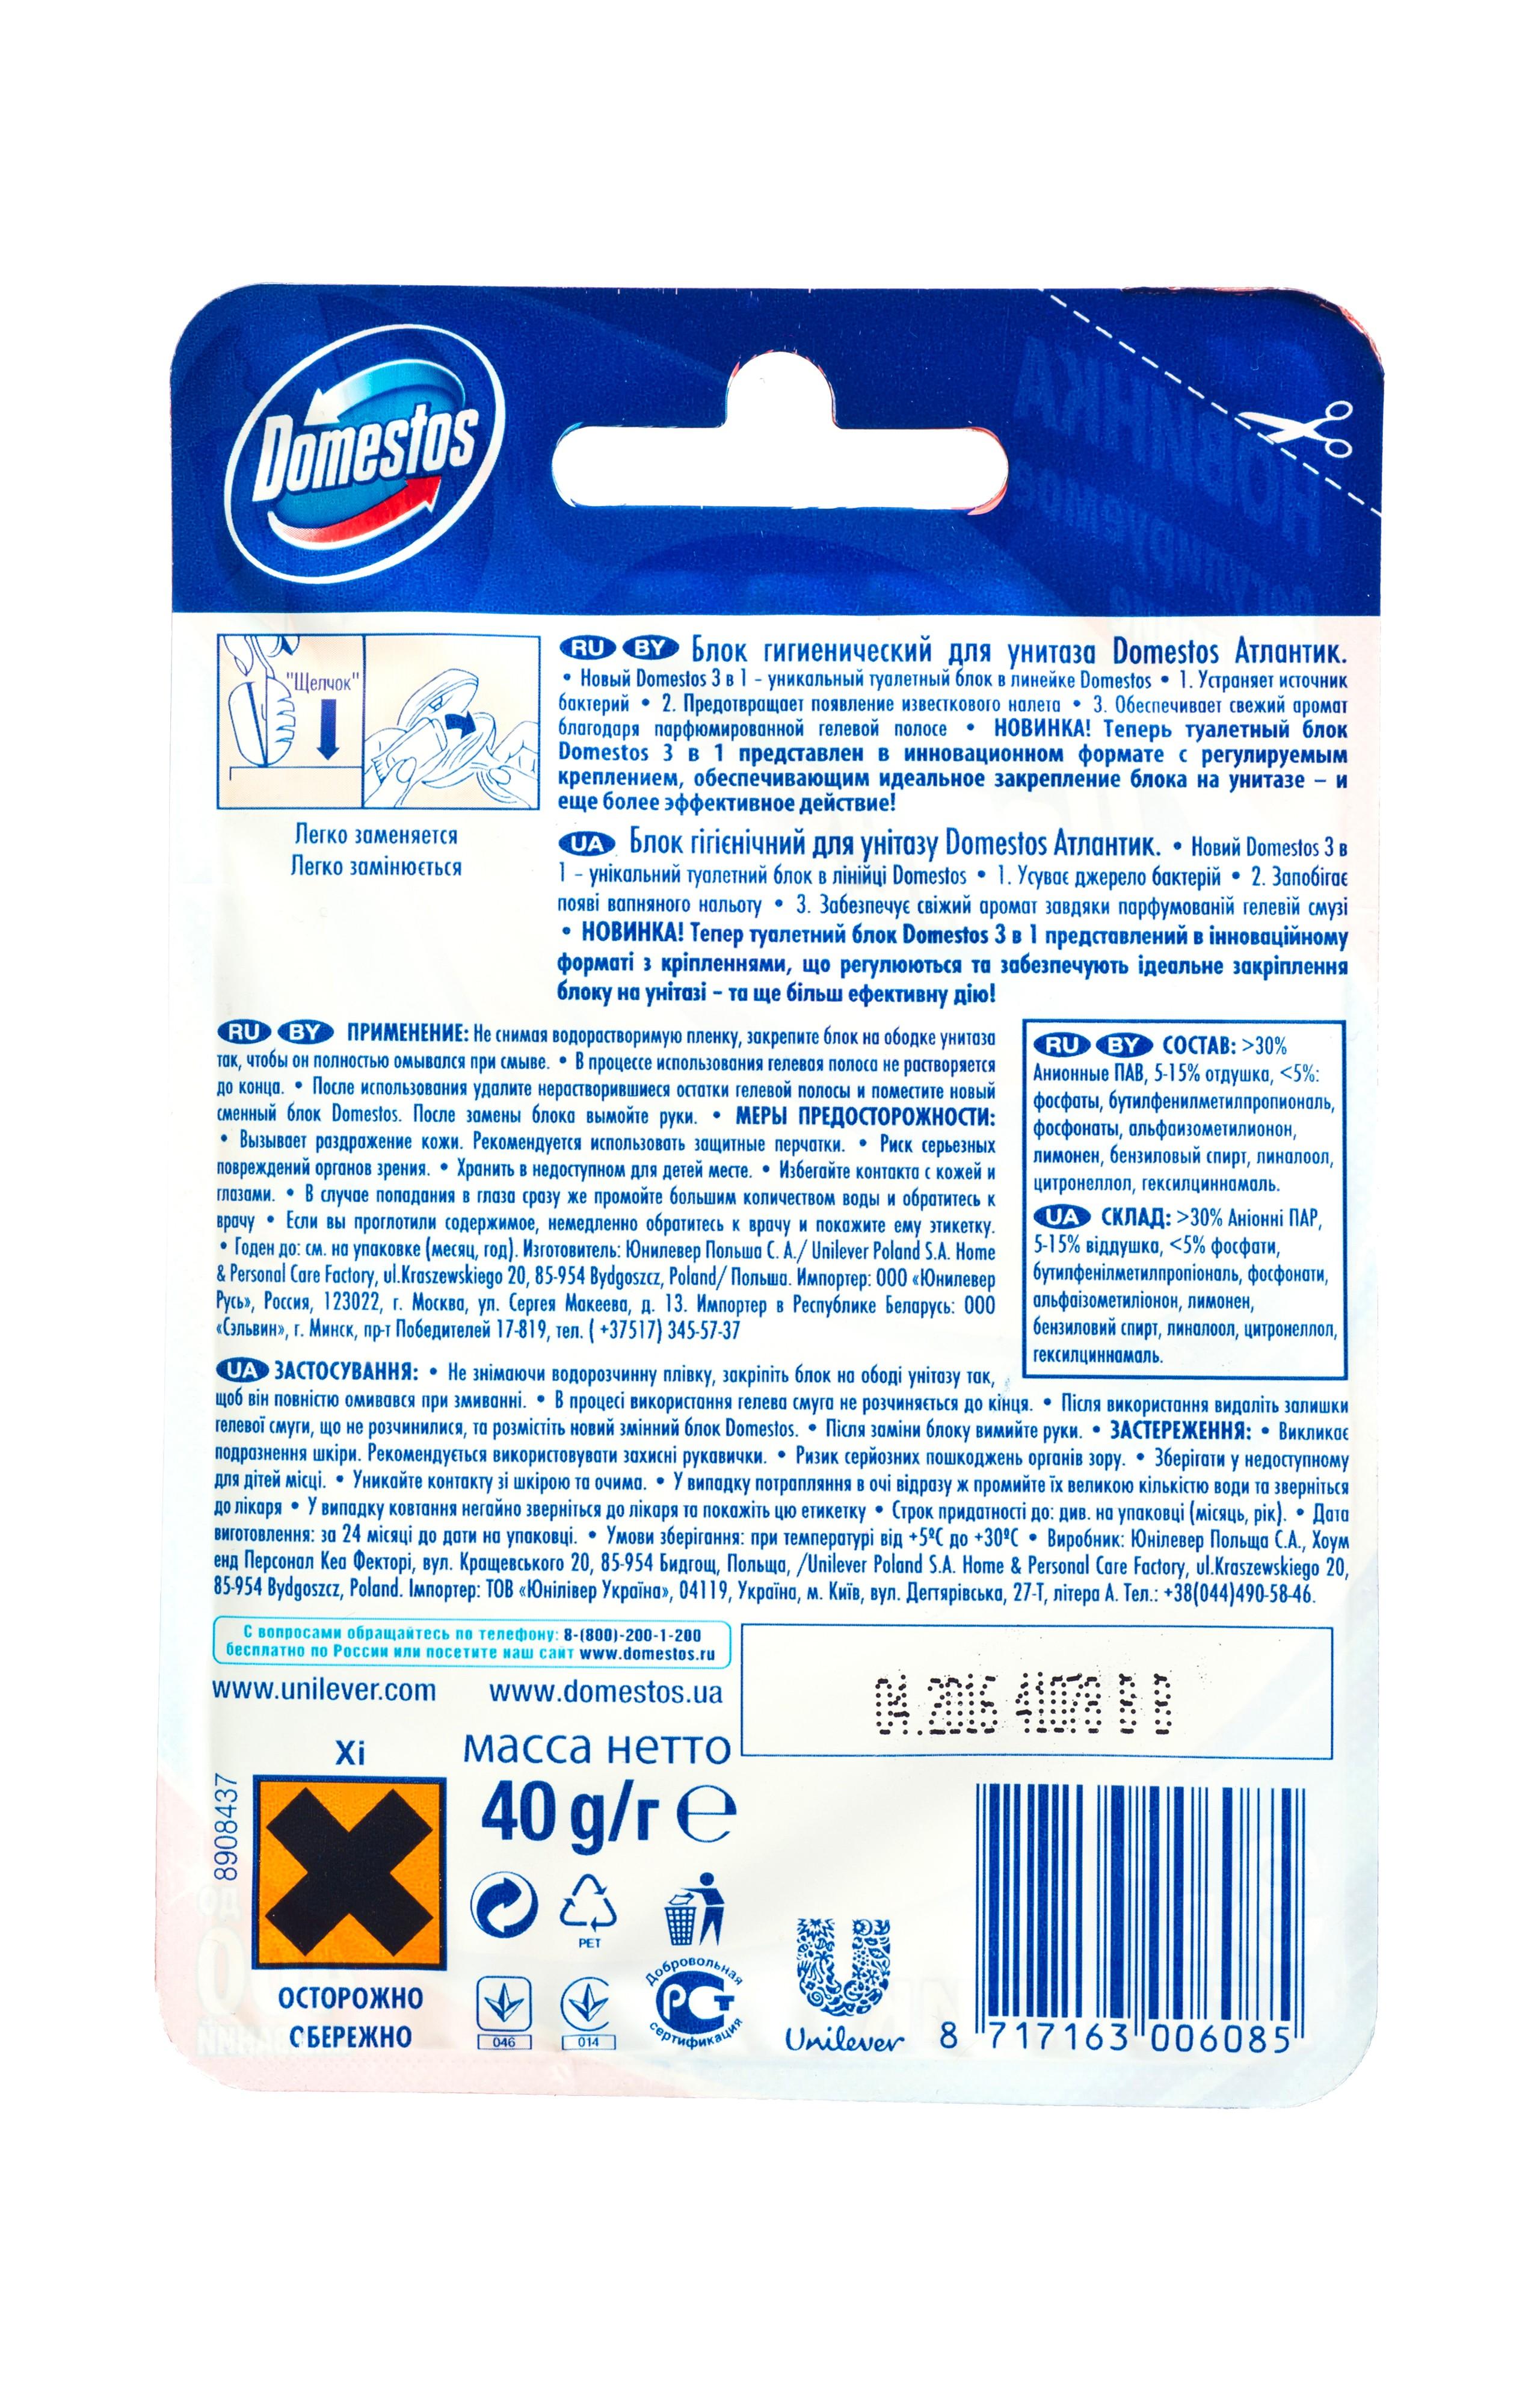 Блок гигиенический для унитаза Domestos 3 в 1 Атлантик – уникальный туалетный блок в линейке Domestos.  1. Устраняет источник бактерий  2. Предотвращает появление известкового налета  3. Обеспечивает свежий аромат благодаря парфюмированной  гелевой полосе Теперь туалетный блок Domestos 3 в 1 представлен  в инновационном формате с регулируемым креплением, обеспечивающим идеальное закрепление блока на унитазе – и  еще более эффективное действие!